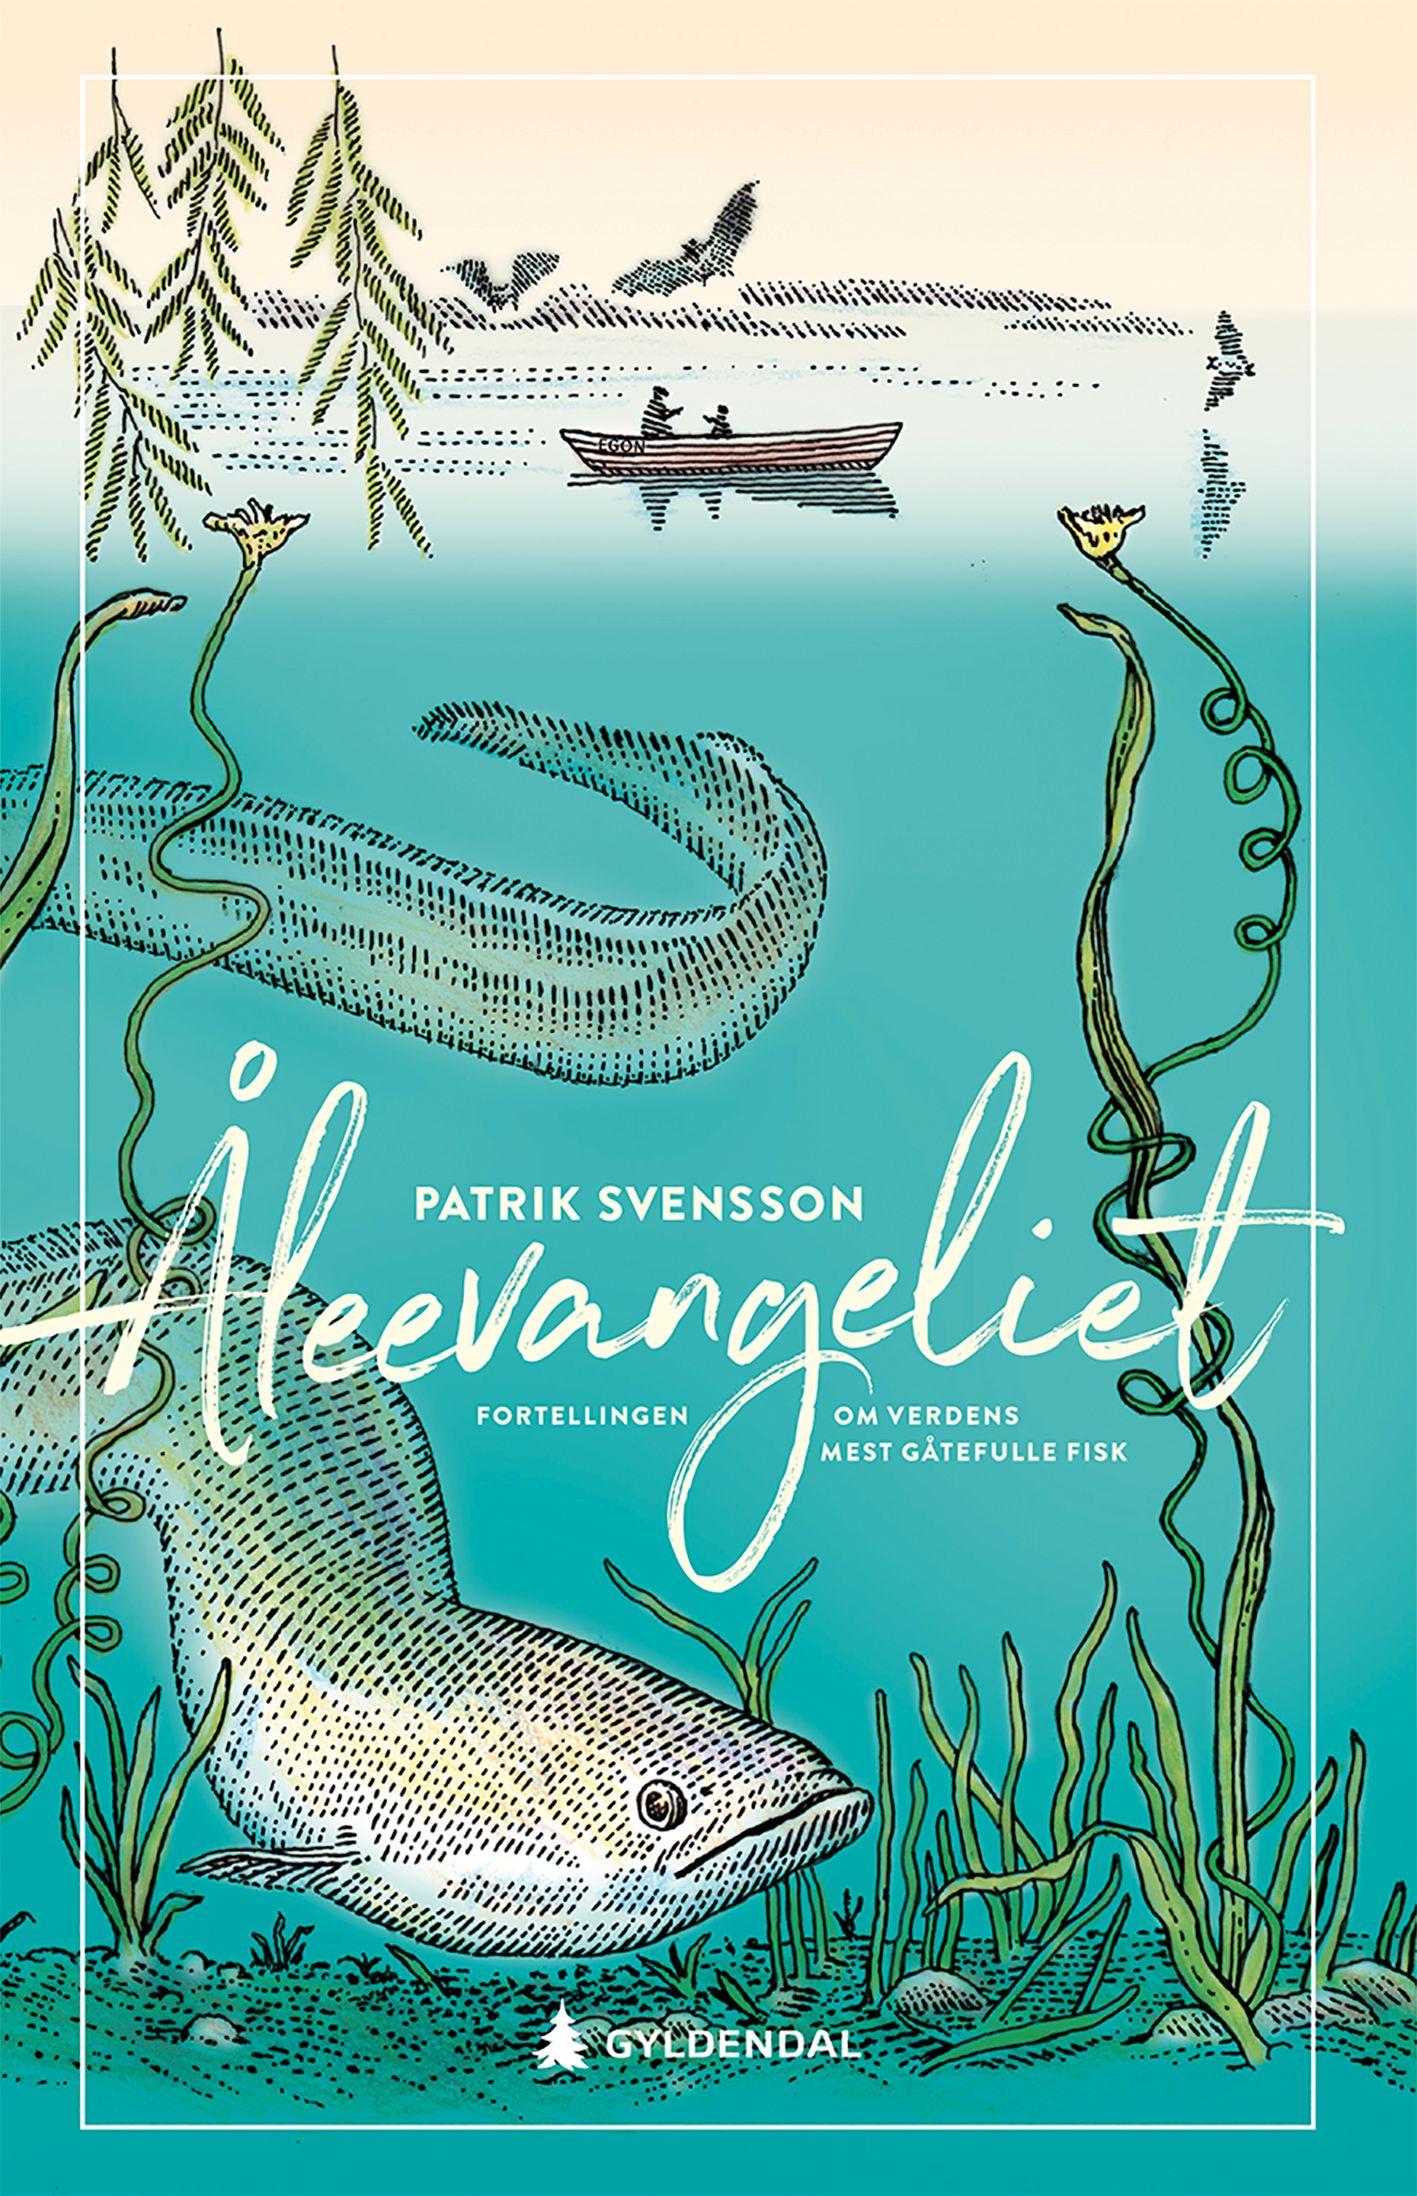 ÅRETS BOKBRANSJE-SNAKKIS? Den svenske boken om ål ble solgt til 33 land før den kom ut i Sverige nå nylig.